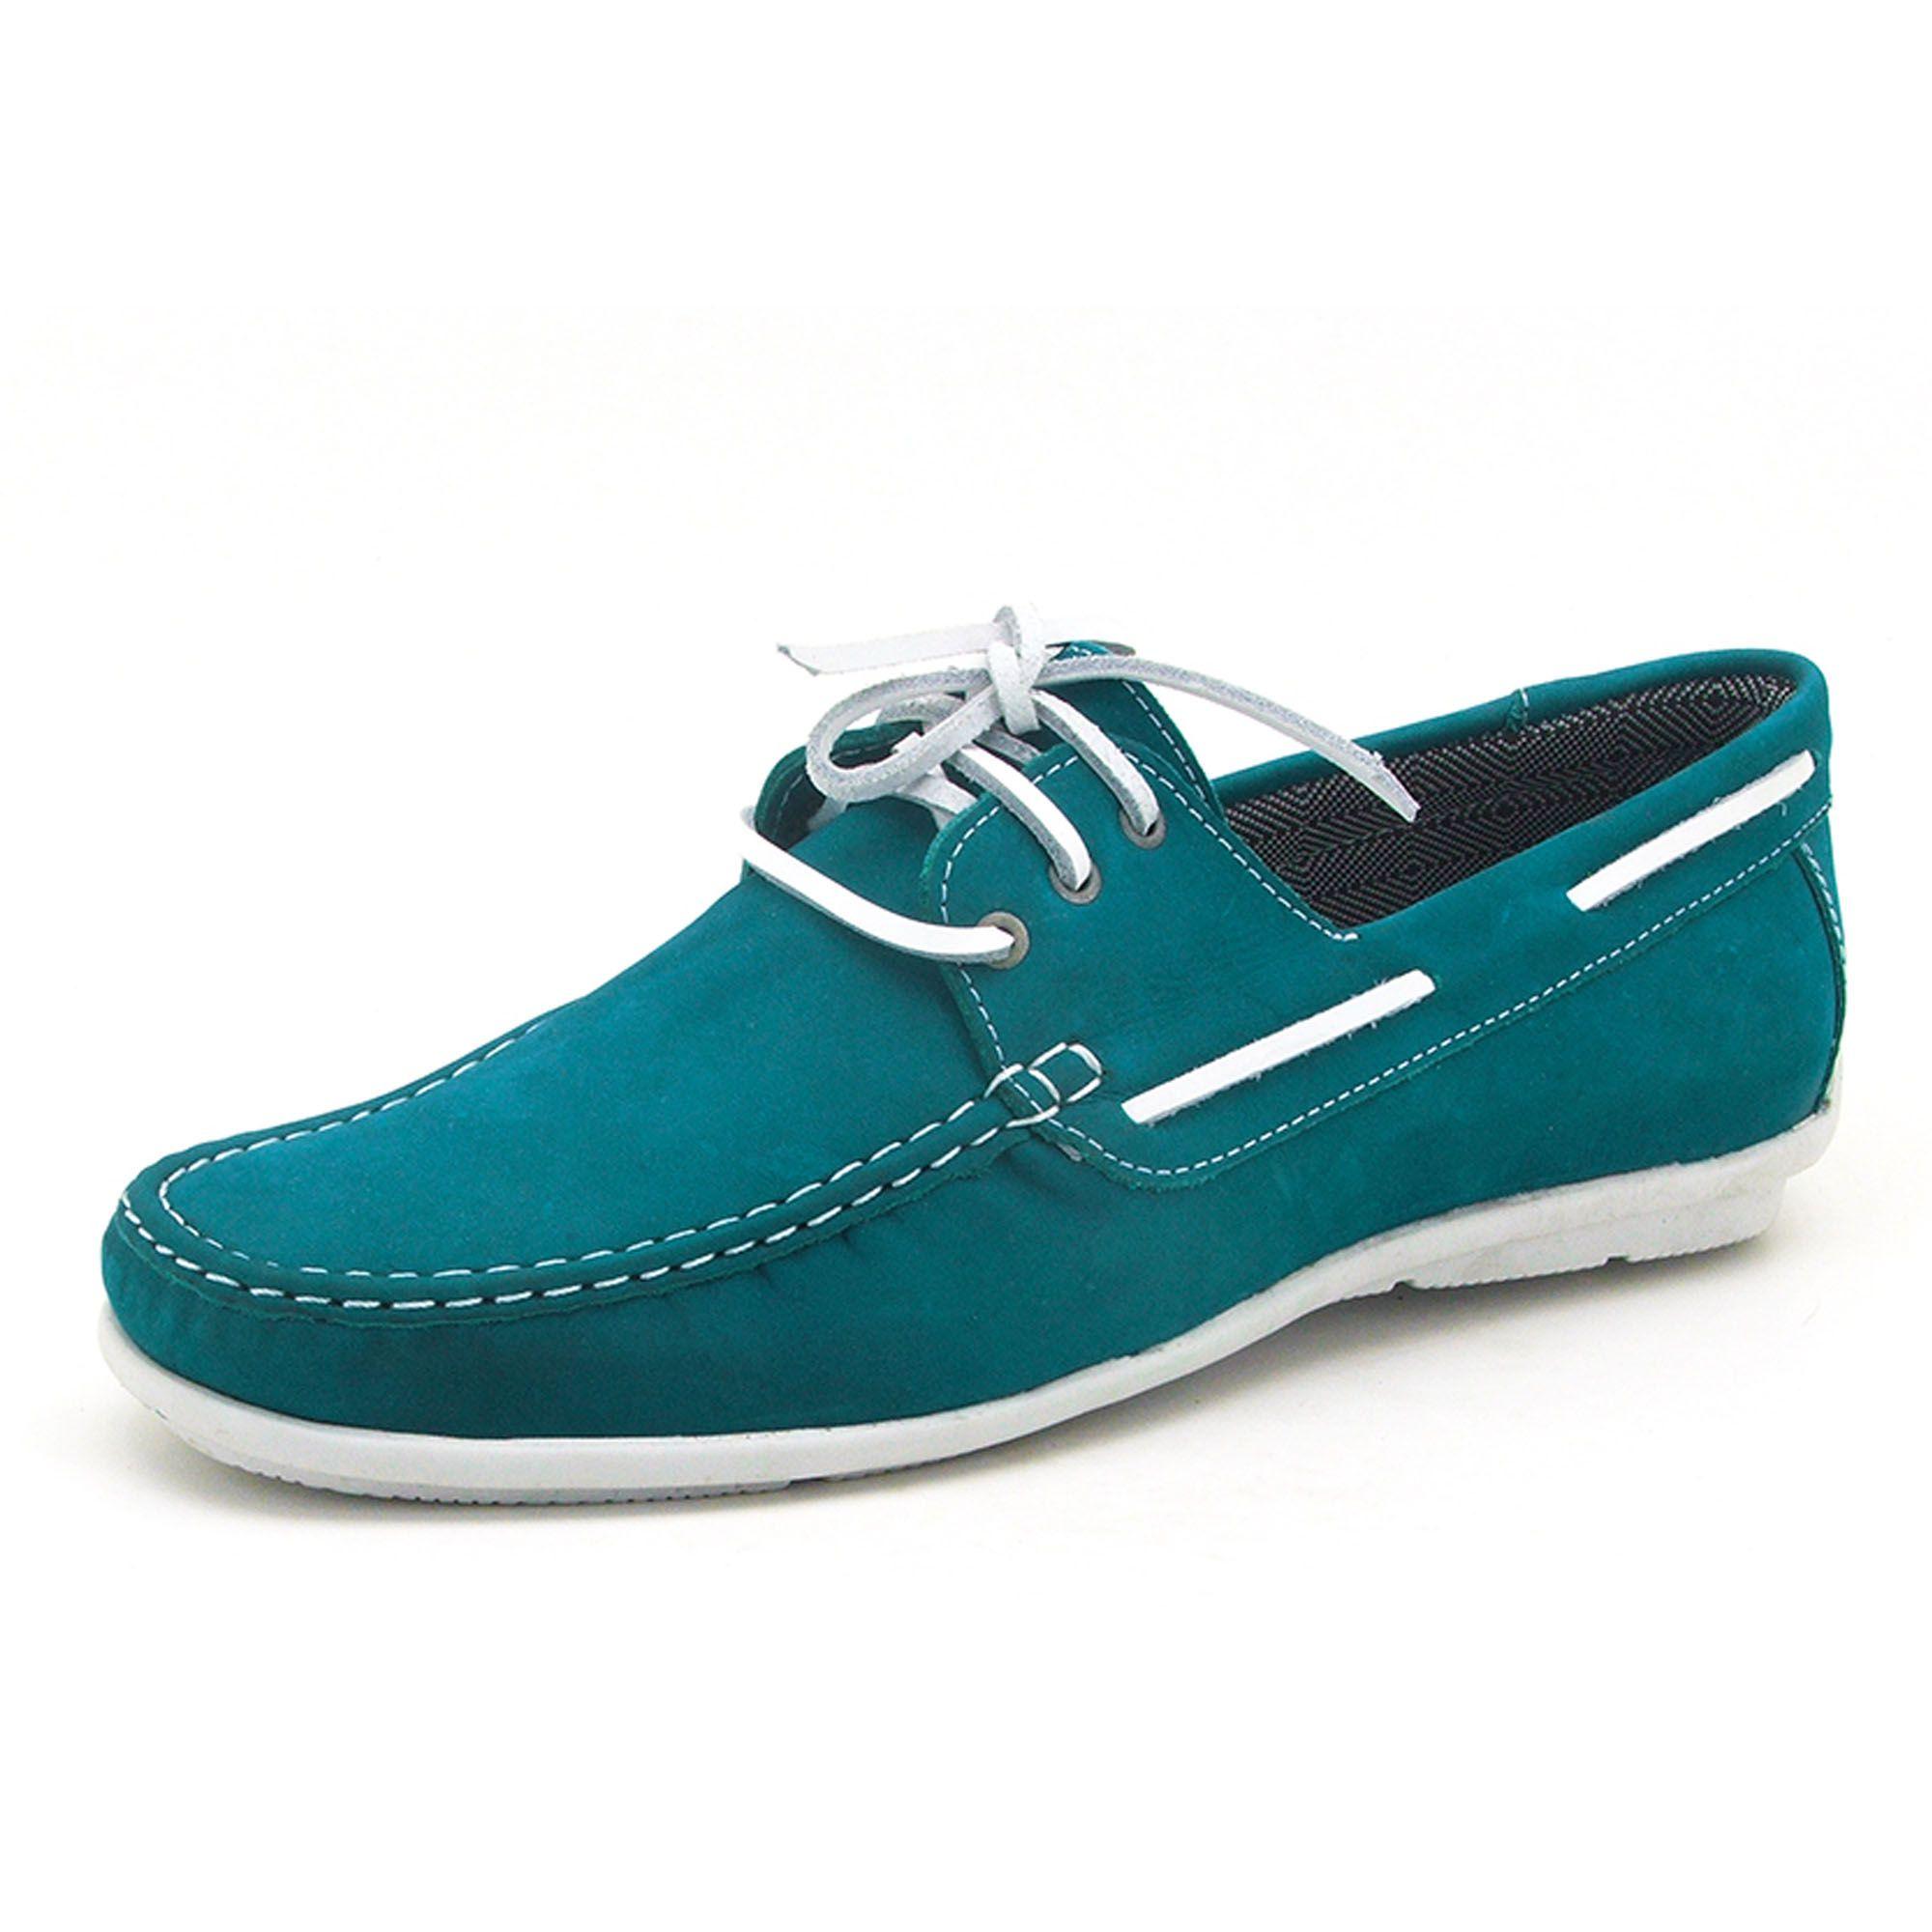 Mocassim dockside masculino Atron Shoes azul 572